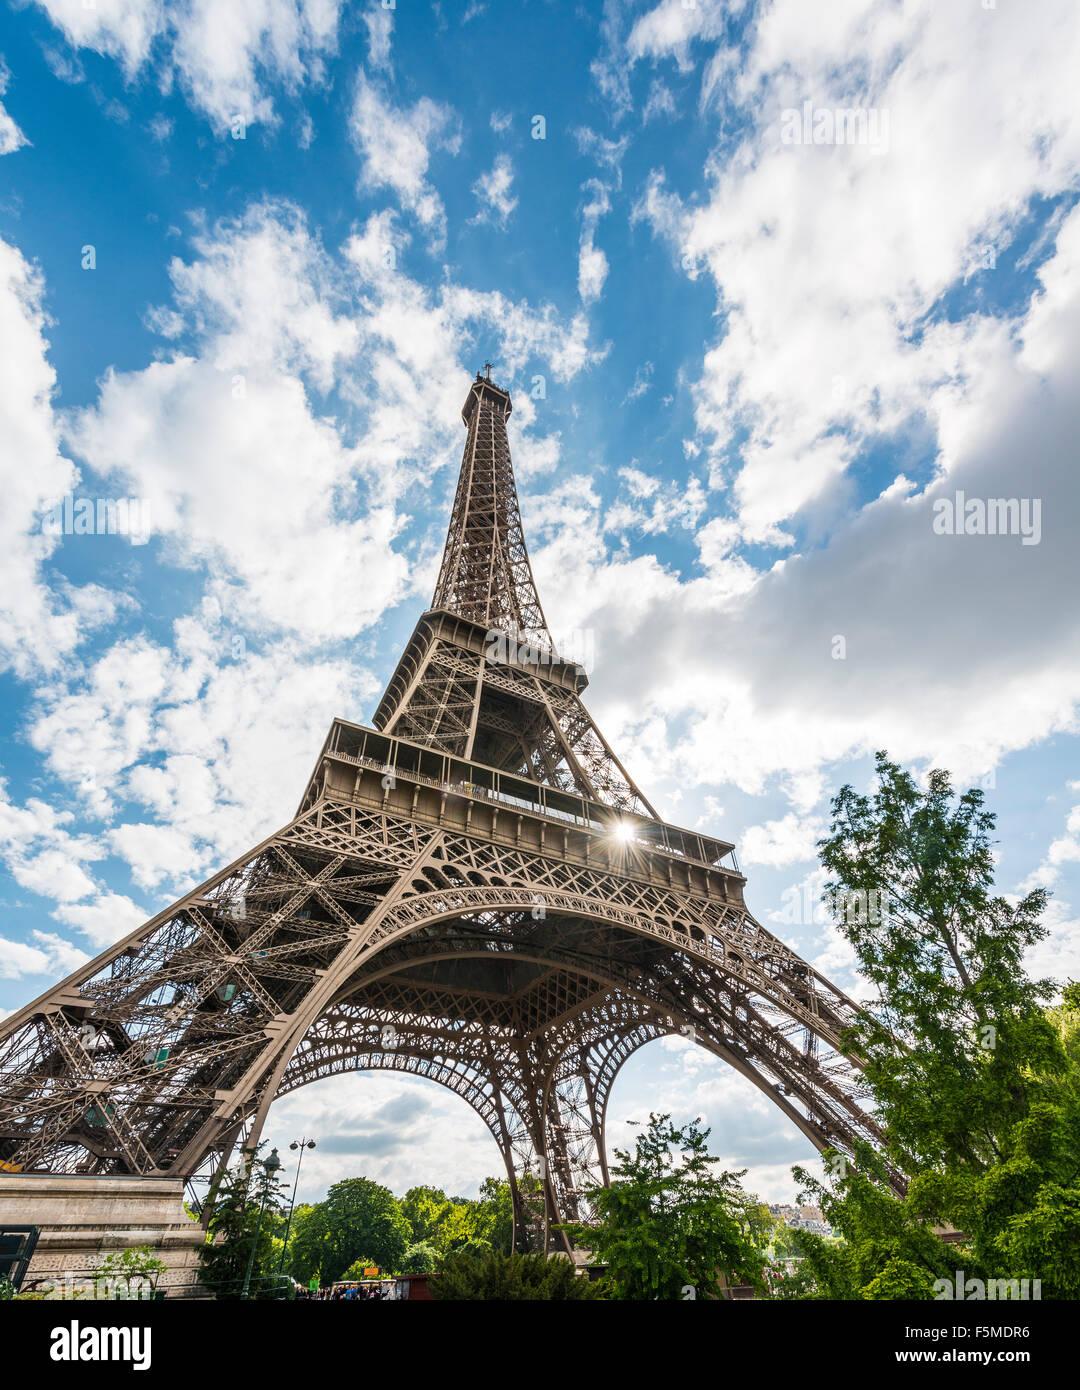 Eiffelturm, Tour Eiffel, Paris, Ile de France, Frankreich Stockbild